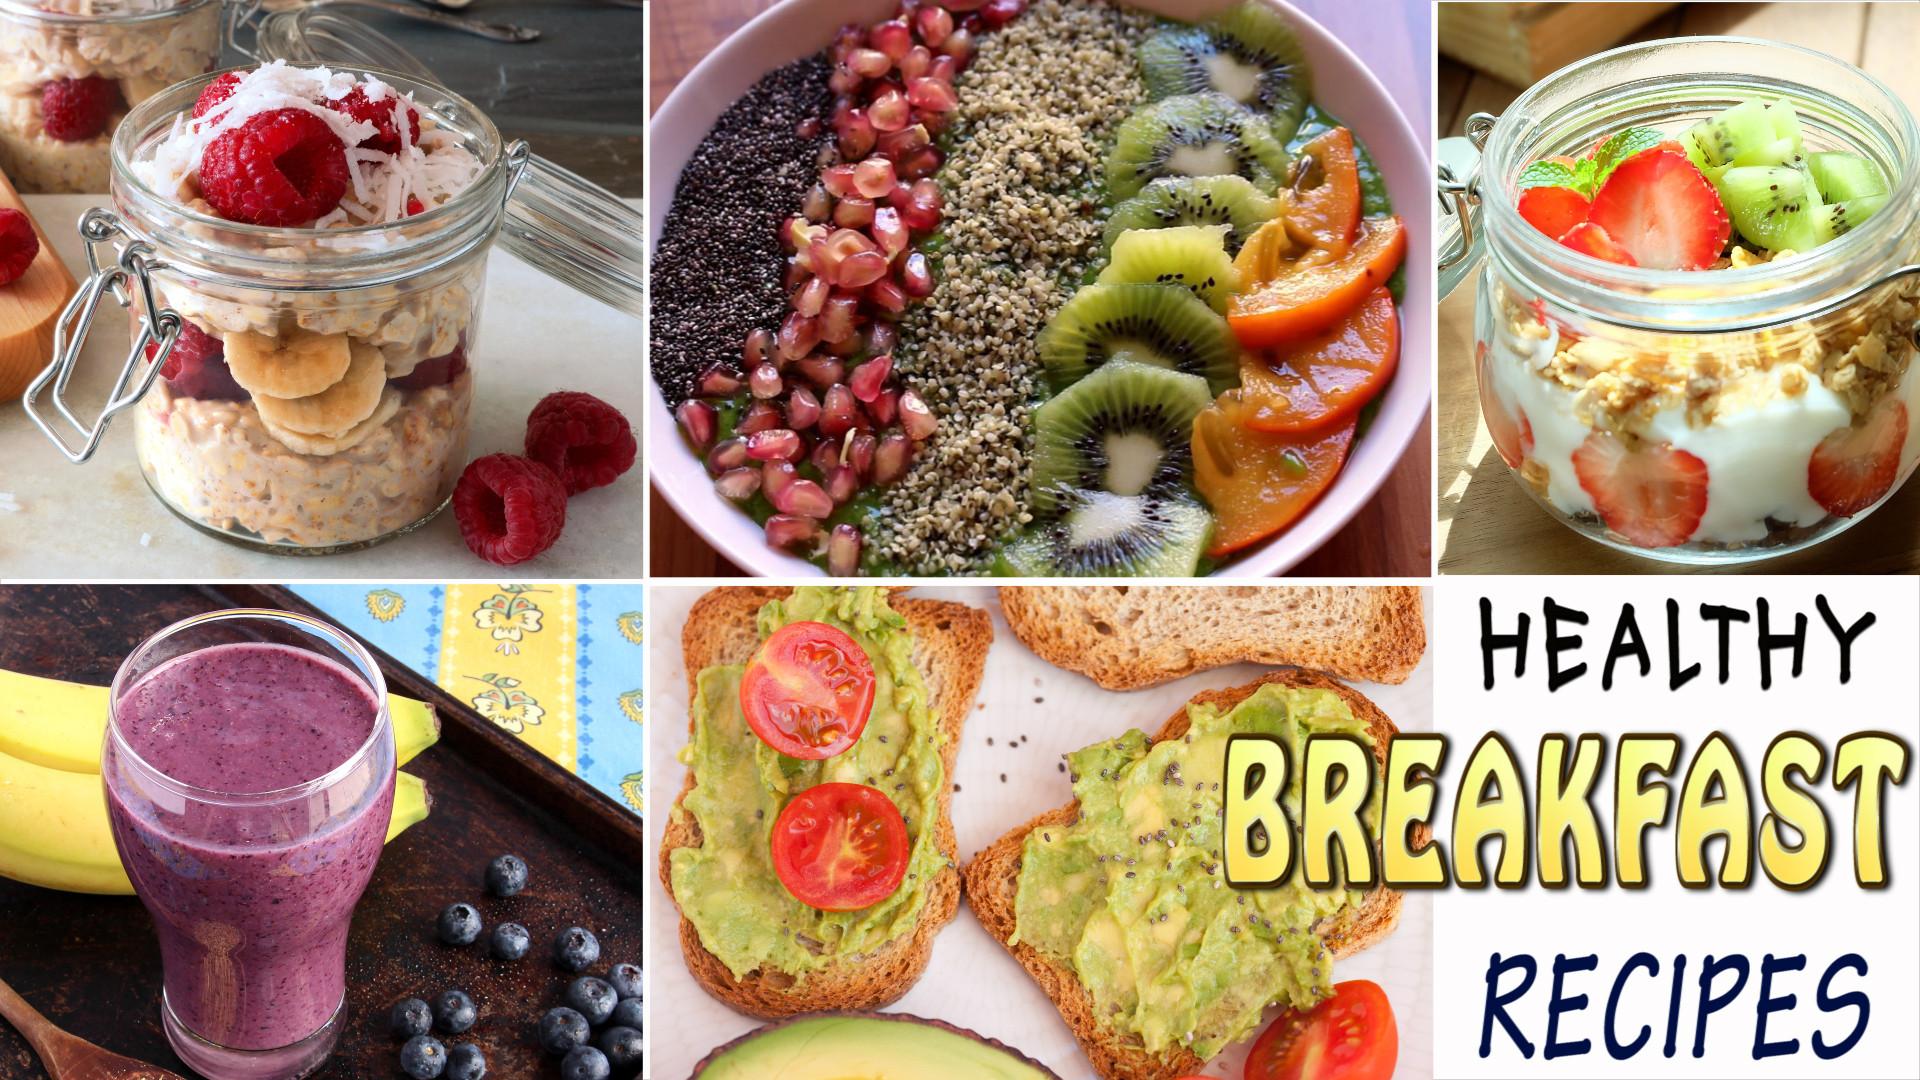 Healthy Vegetarian Breakfast Ideas  My 8 Favorite Healthy Vegan Breakfast Recipes